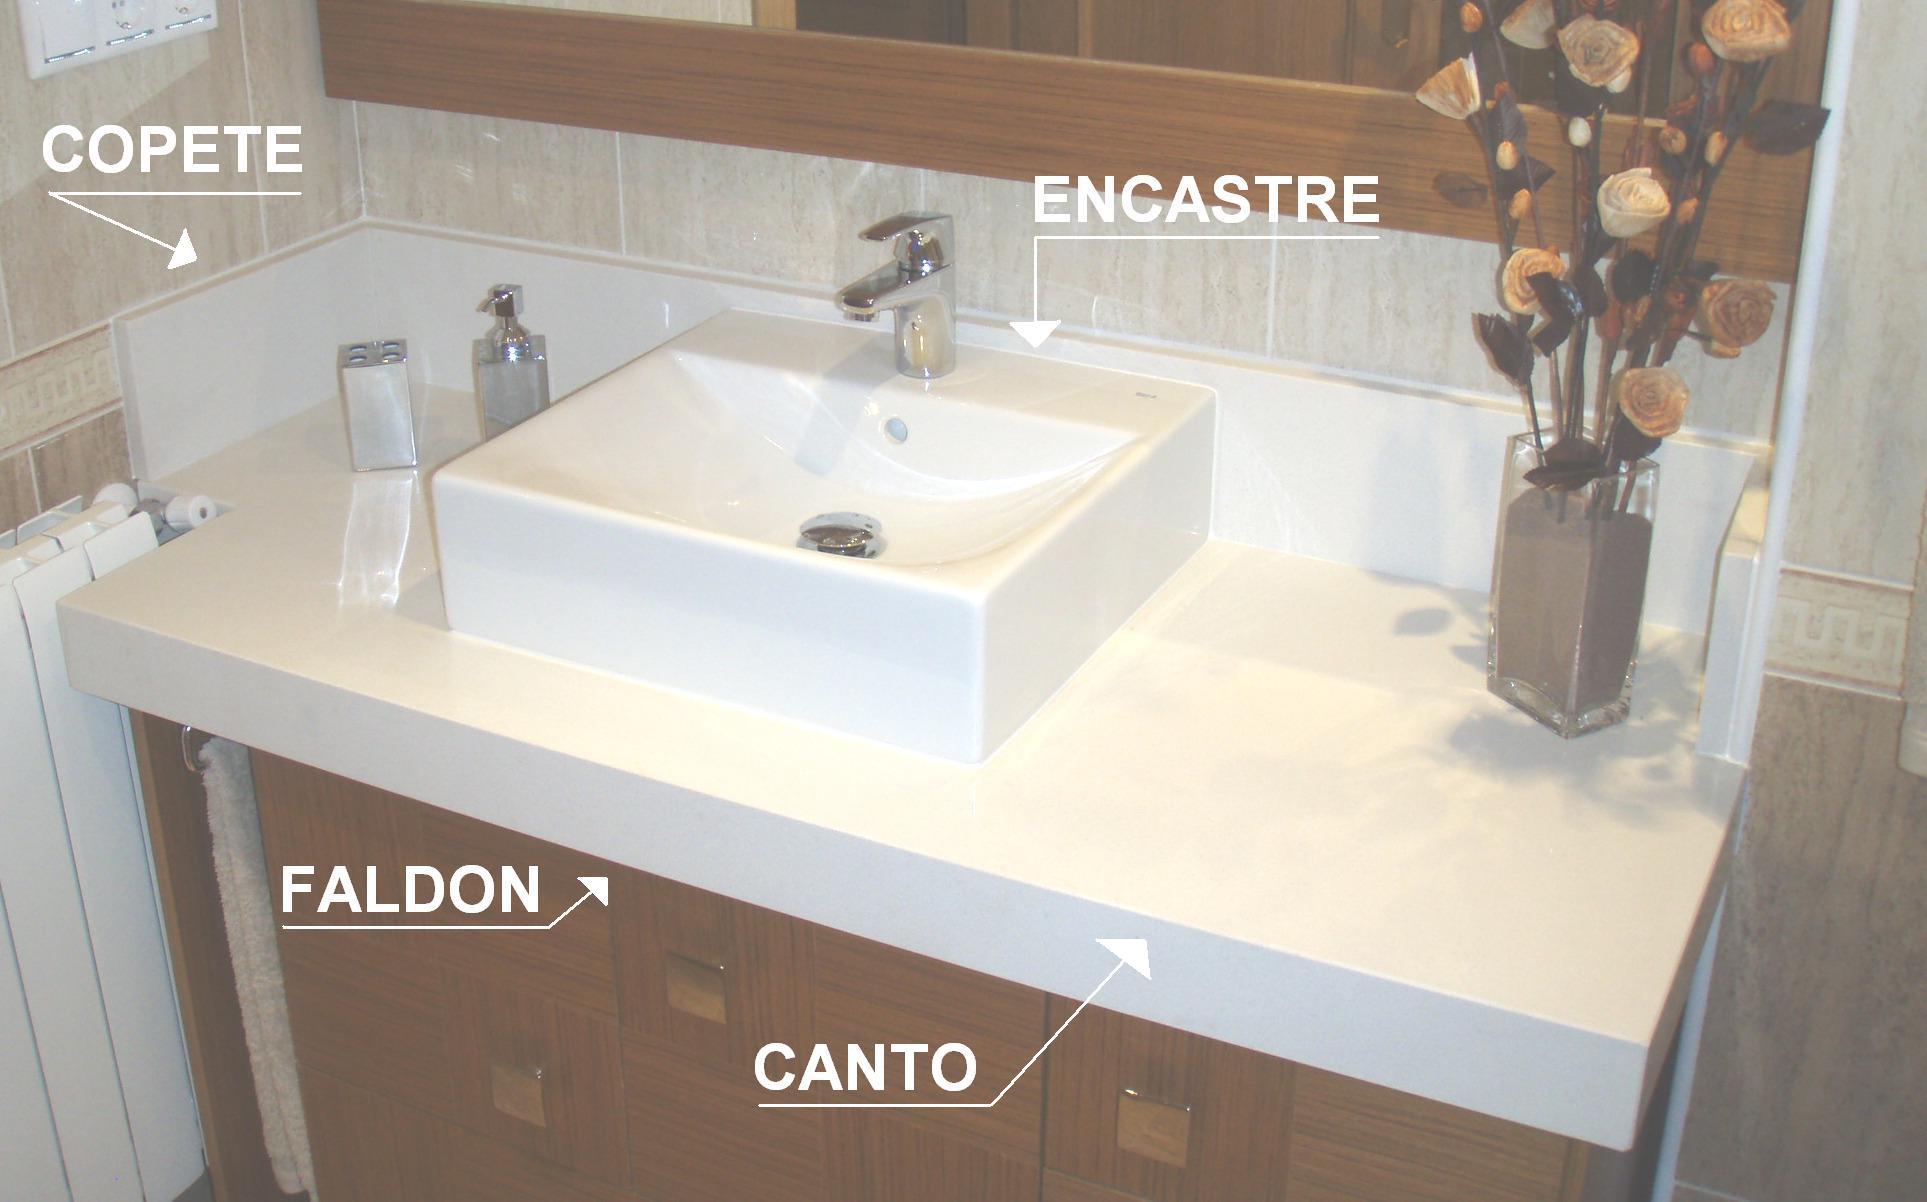 Marmolistas alicante encimeras de ba o silestone granito - Encimeras de marmol para lavabos ...